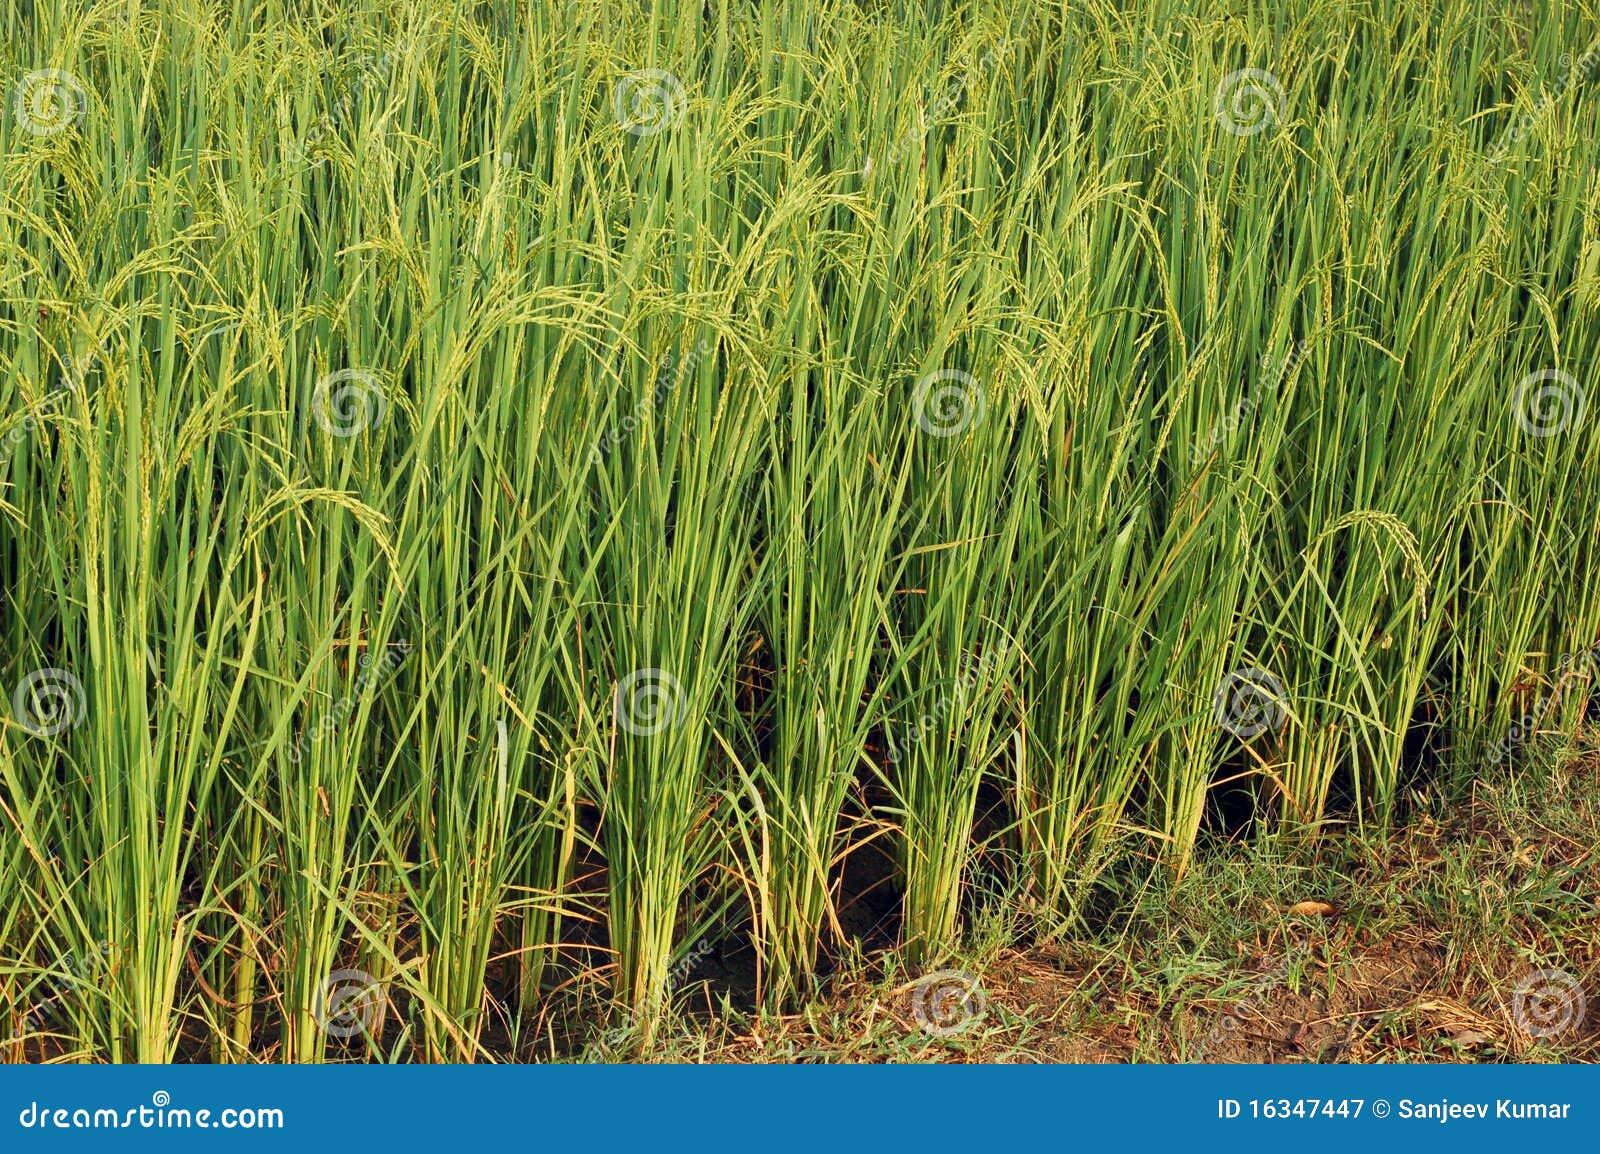 Piante di riso immagine stock immagine di organico for Piante di lamponi acquisto